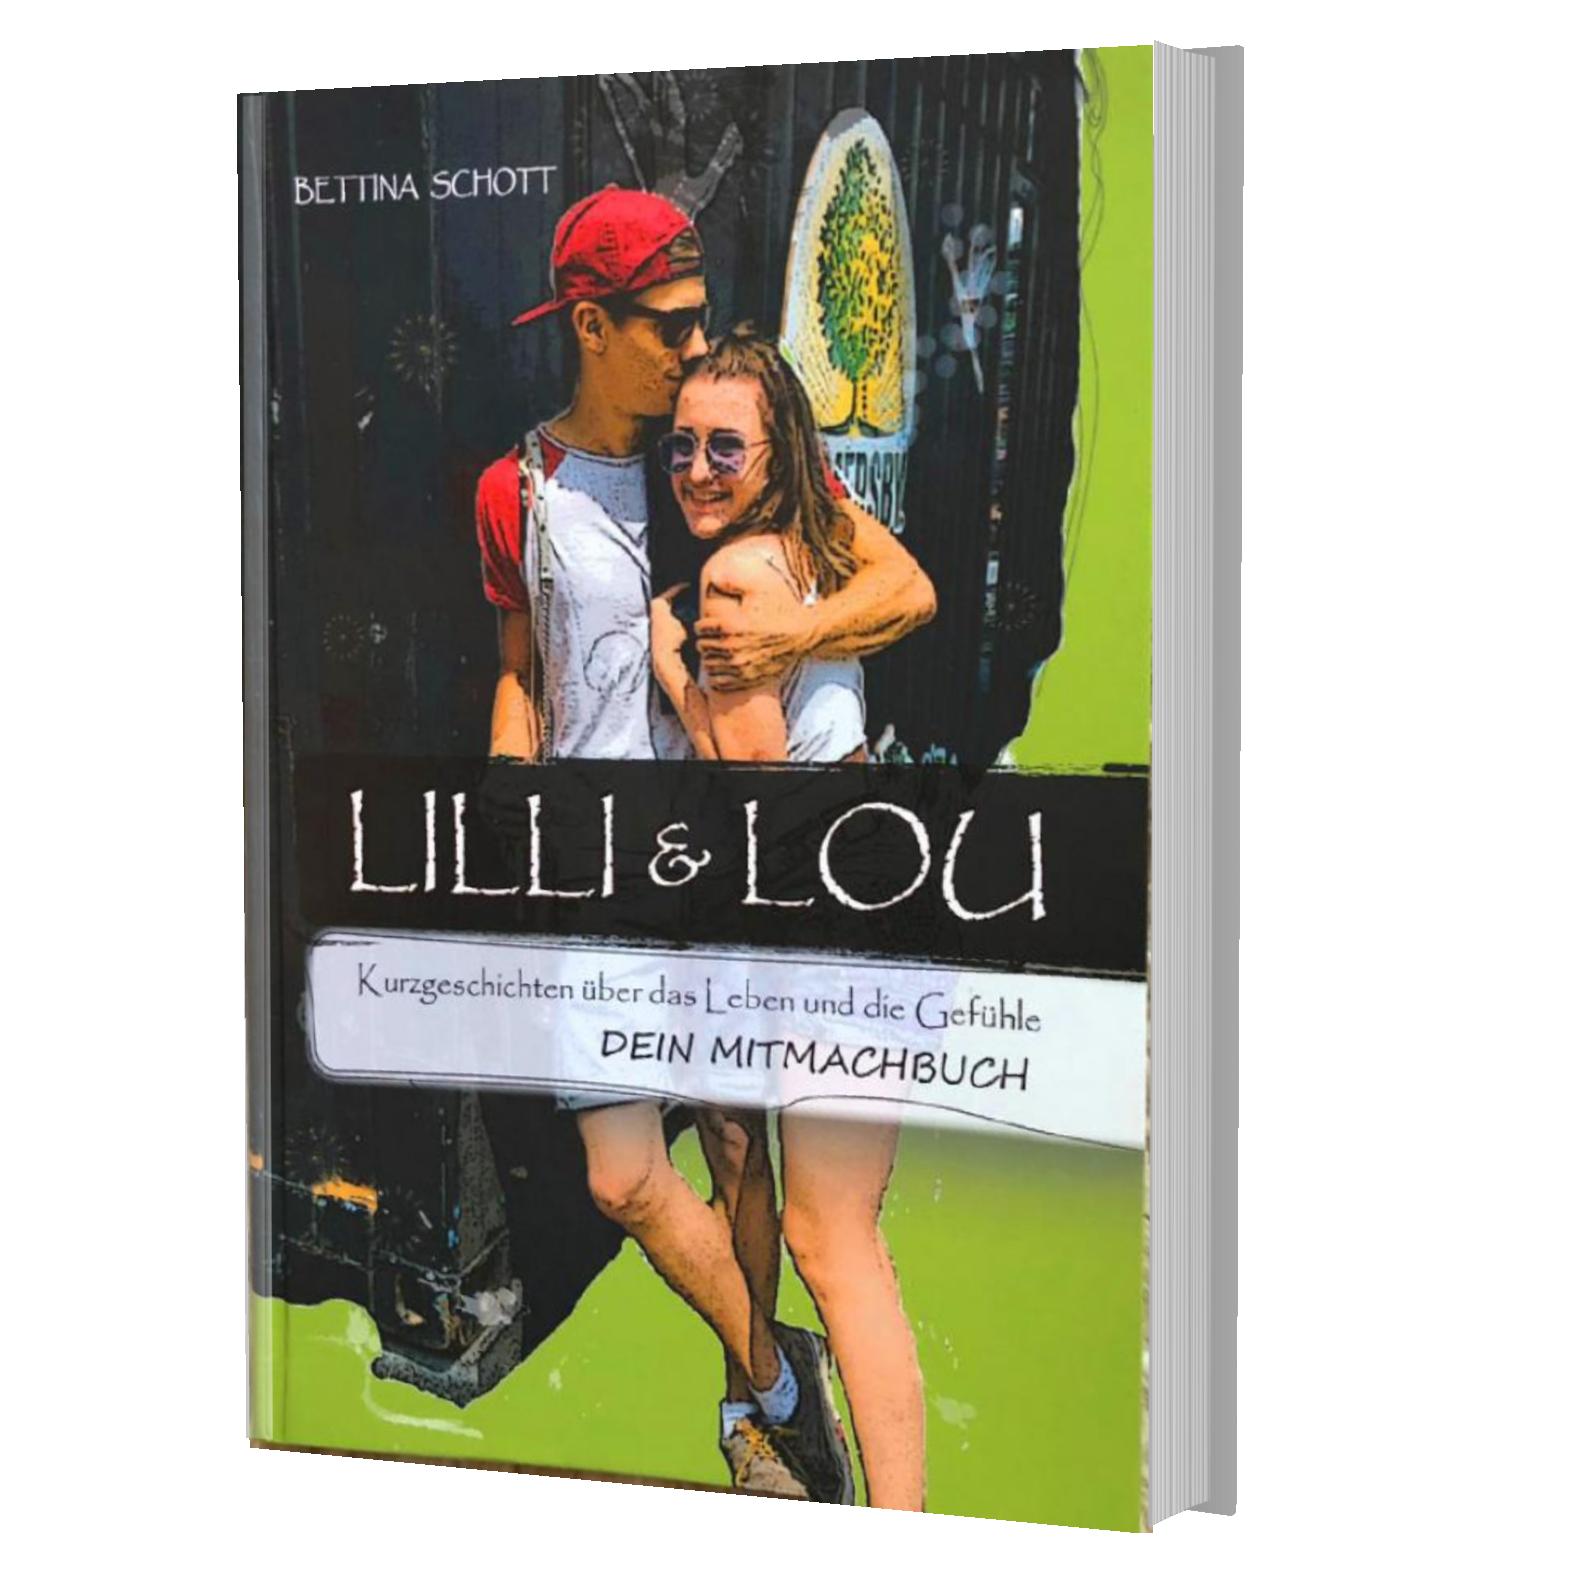 Lilli & Lou Kurzgeschichten über das Leben und die Gefühle - Dein Mtmachbuch